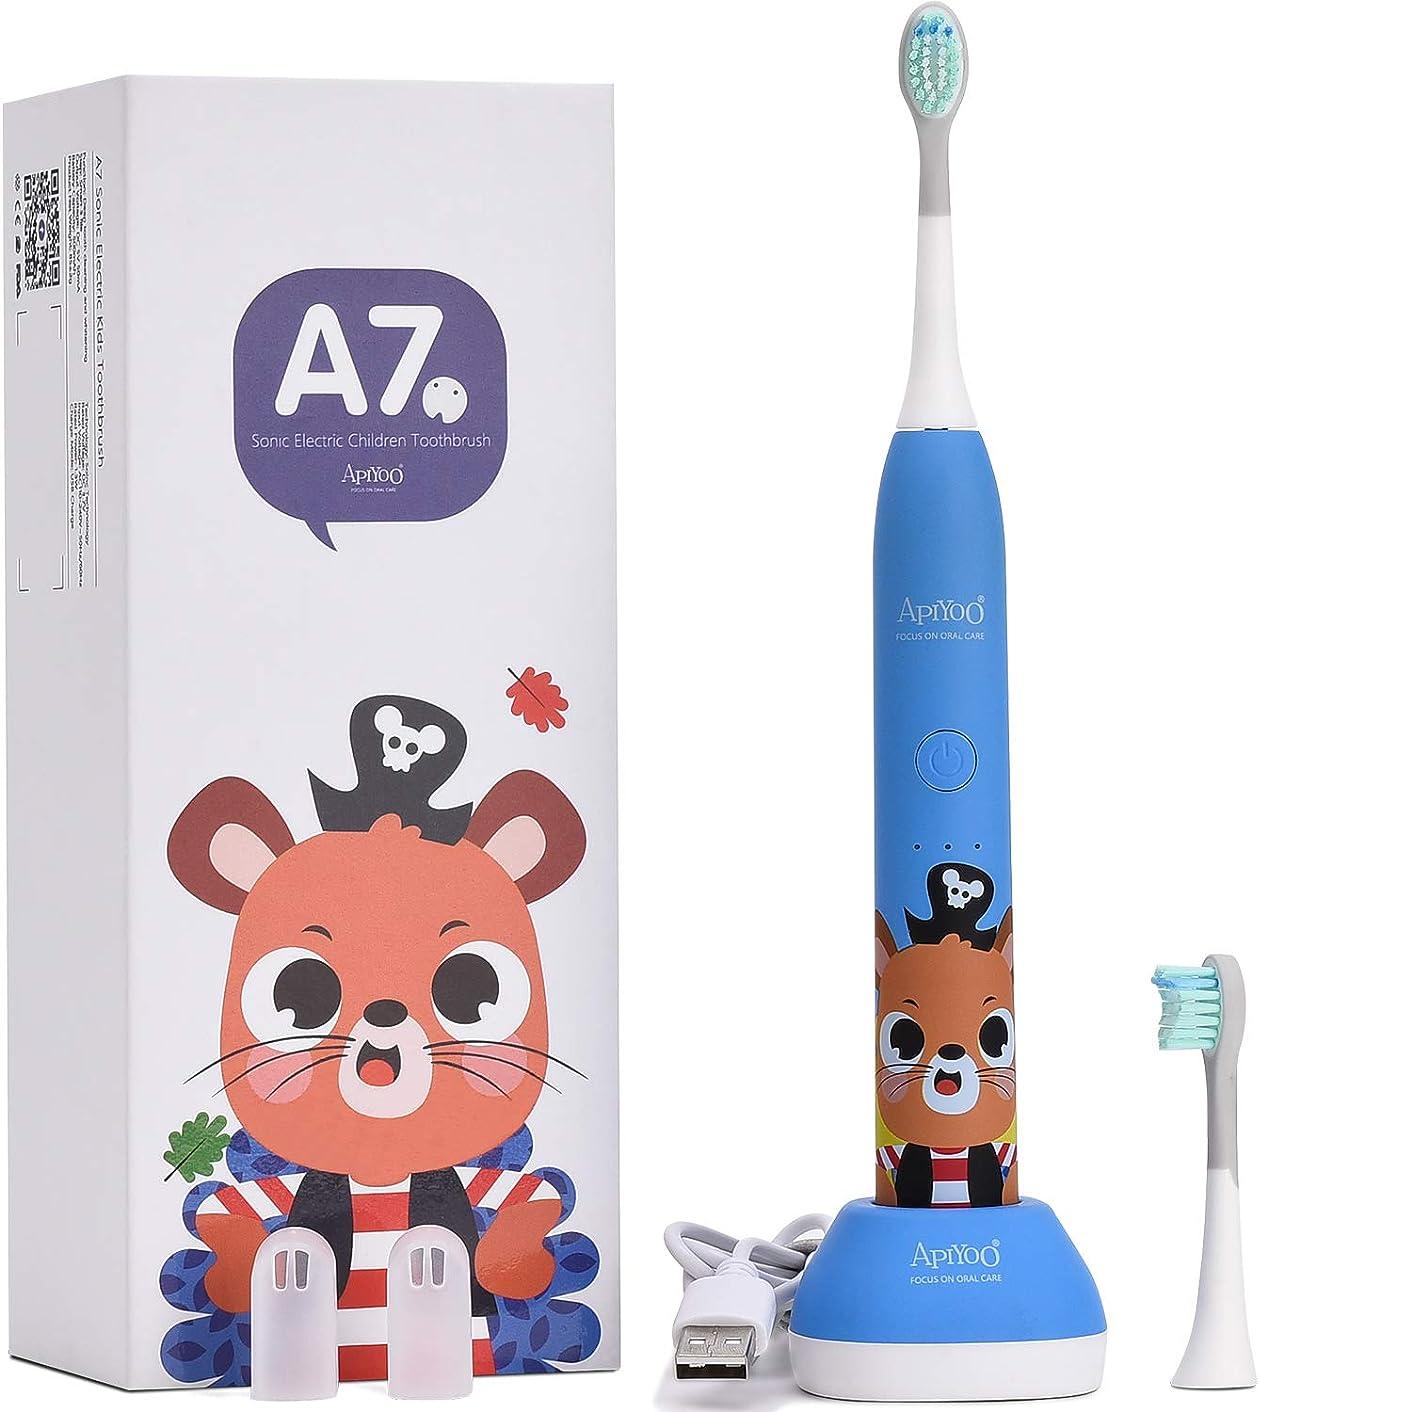 拘束クリーナーノーブル子供用歯ブラシ、APIYOO A7ワイヤレス充電式電動歯ブラシ、IPX7防水、三種類ブラッシングモード、子供に対応の2分間スマートタイマー機能付き(ブルー)